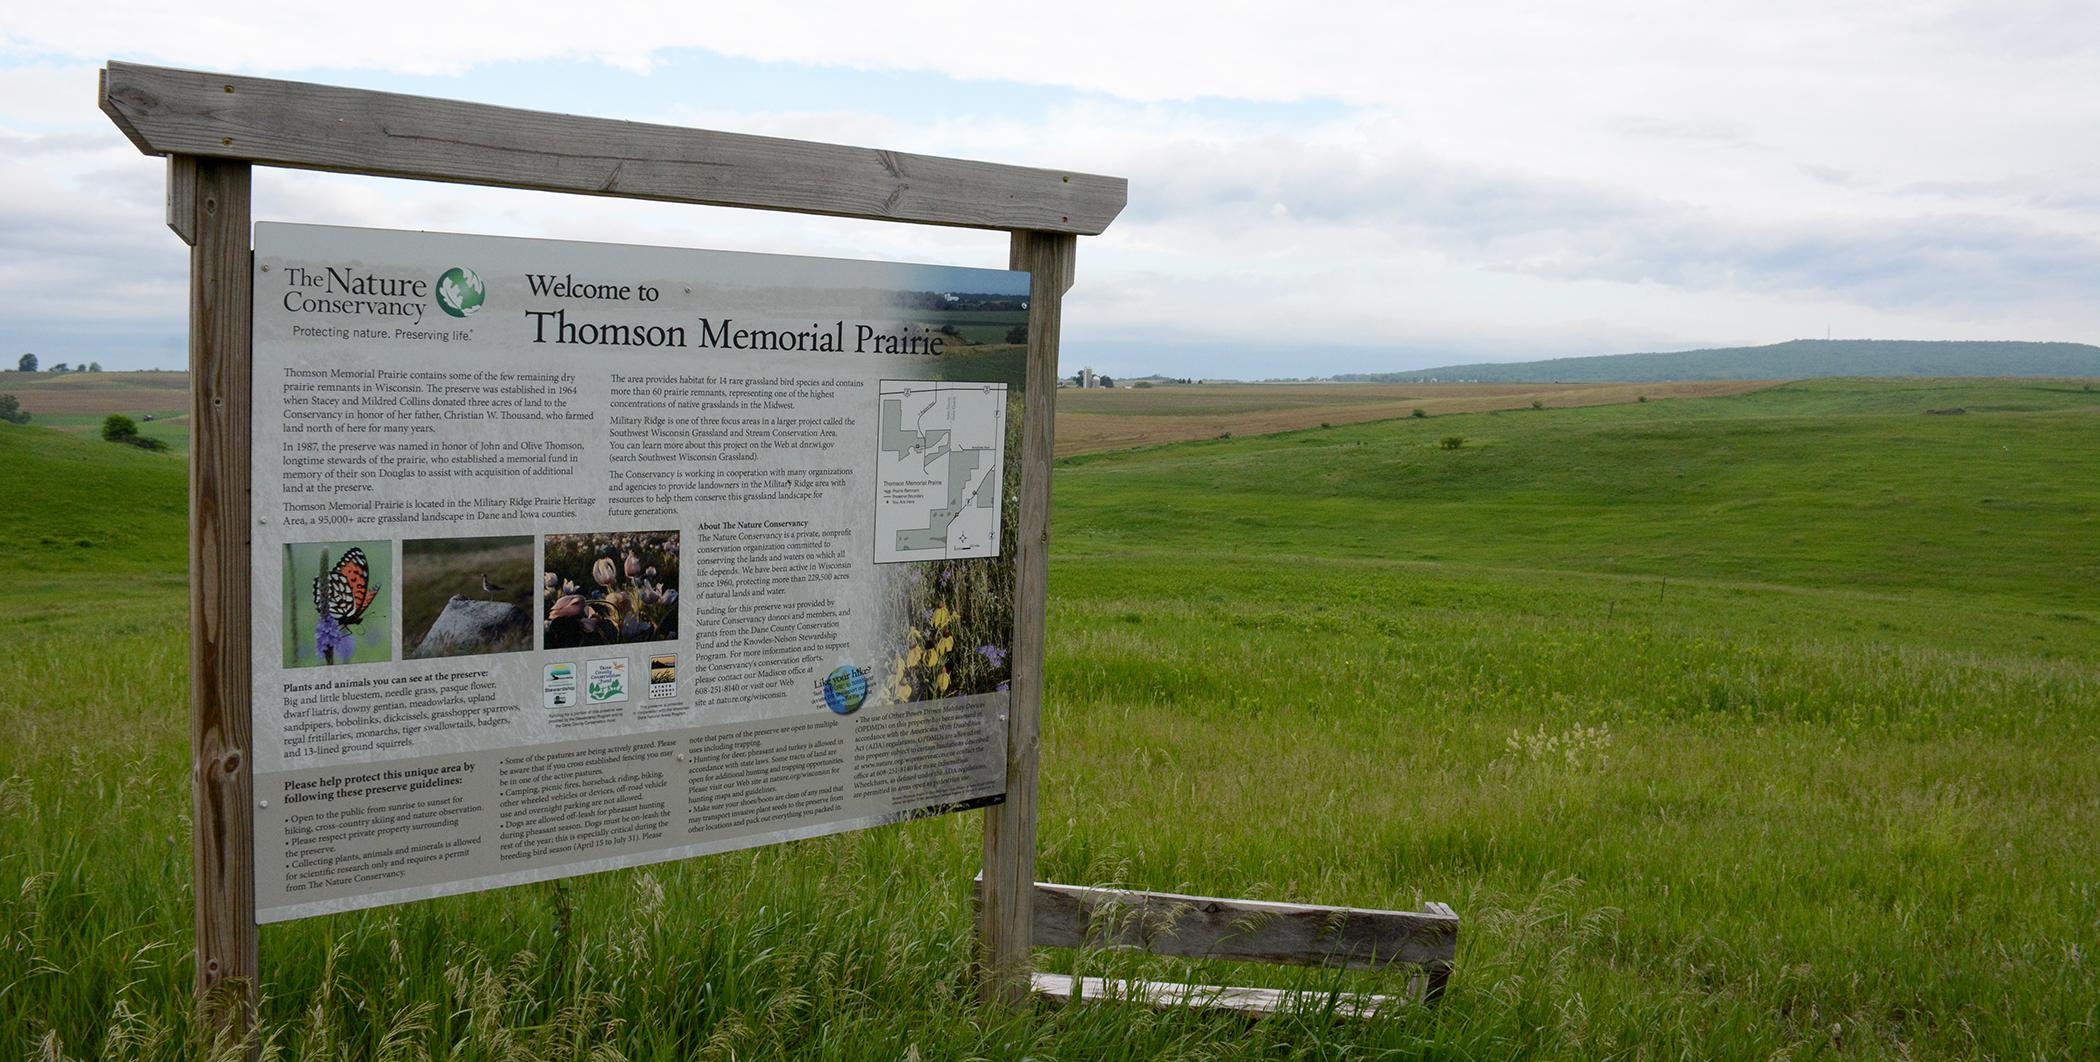 Thomson Memorial Prairie